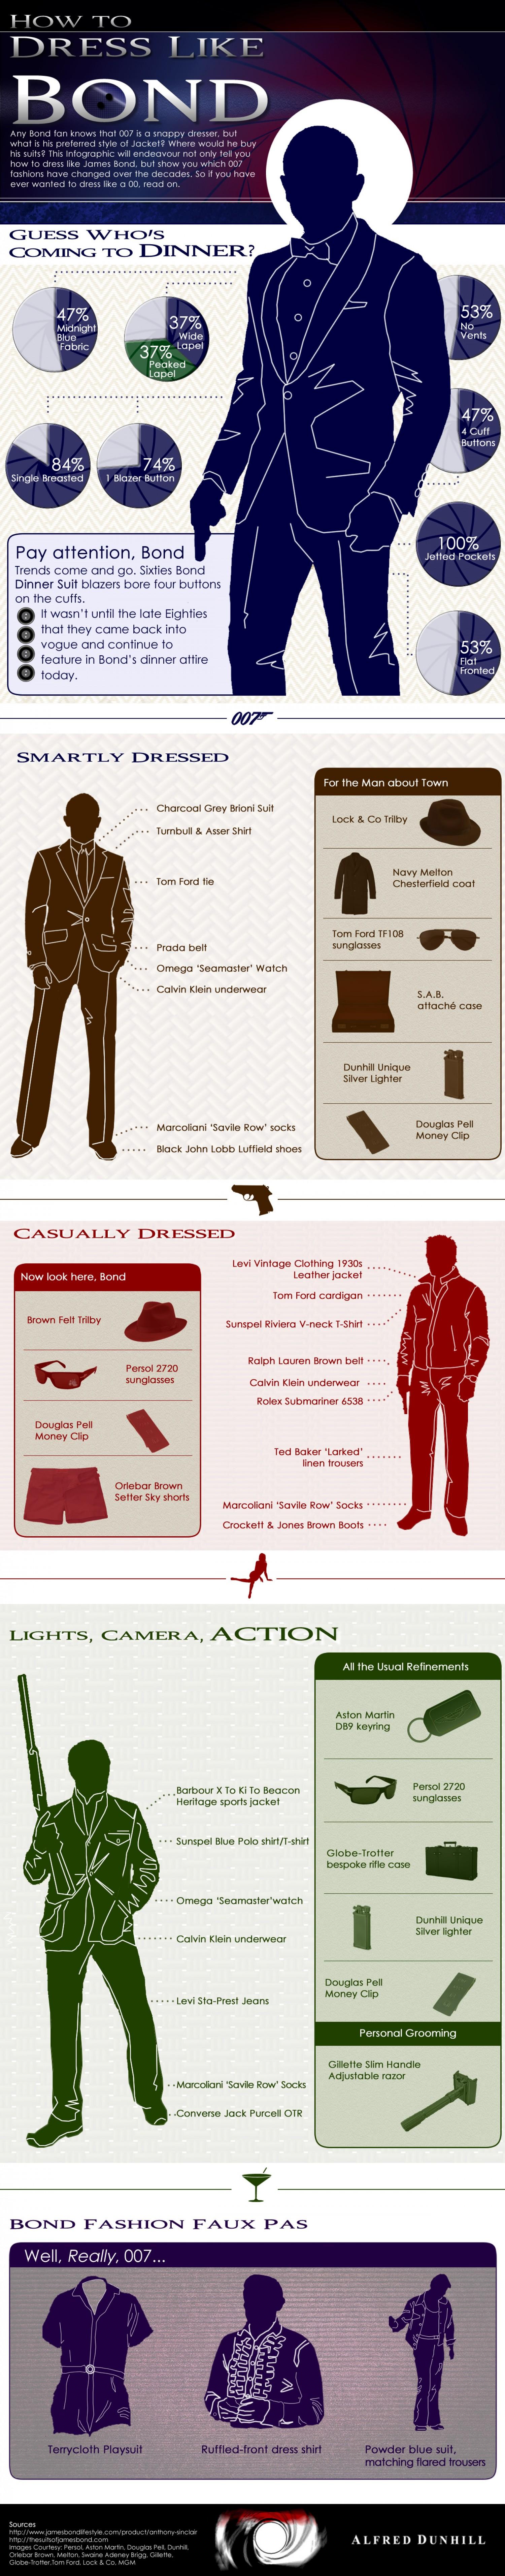 4. How to Dress Like James Bond